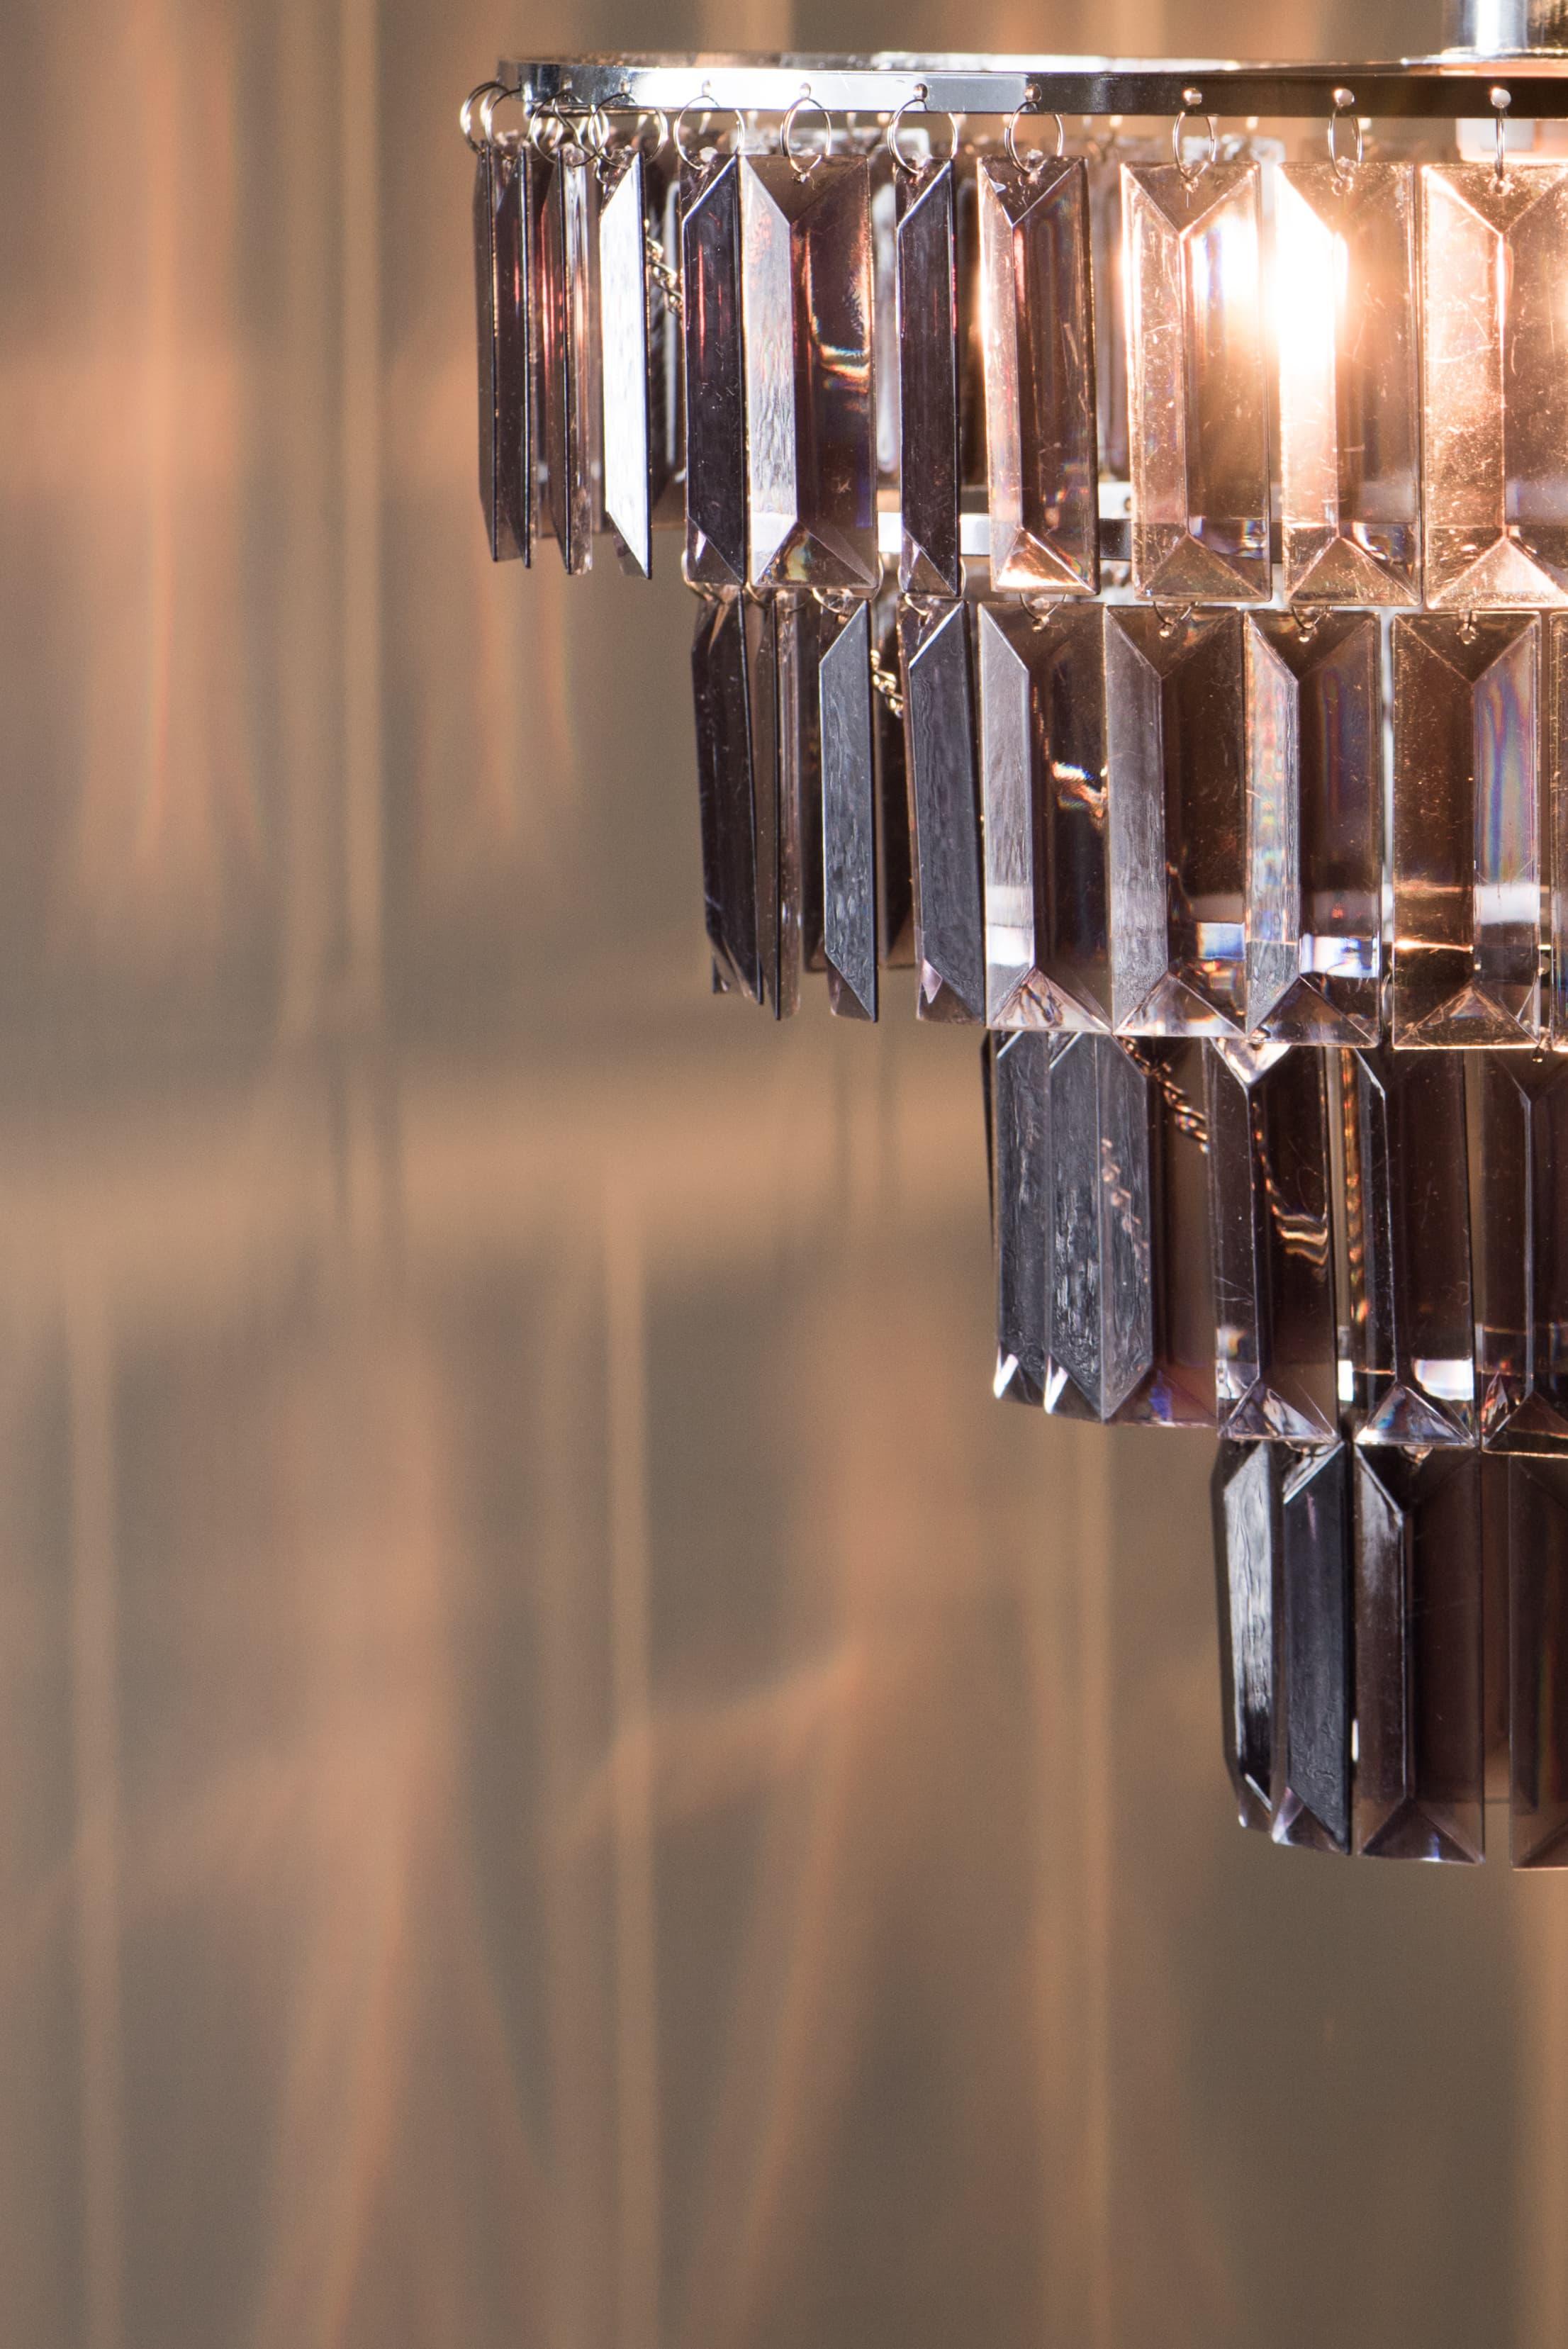 鍍鉻多層次燻黑壓克力板吊燈-BNL00043 4